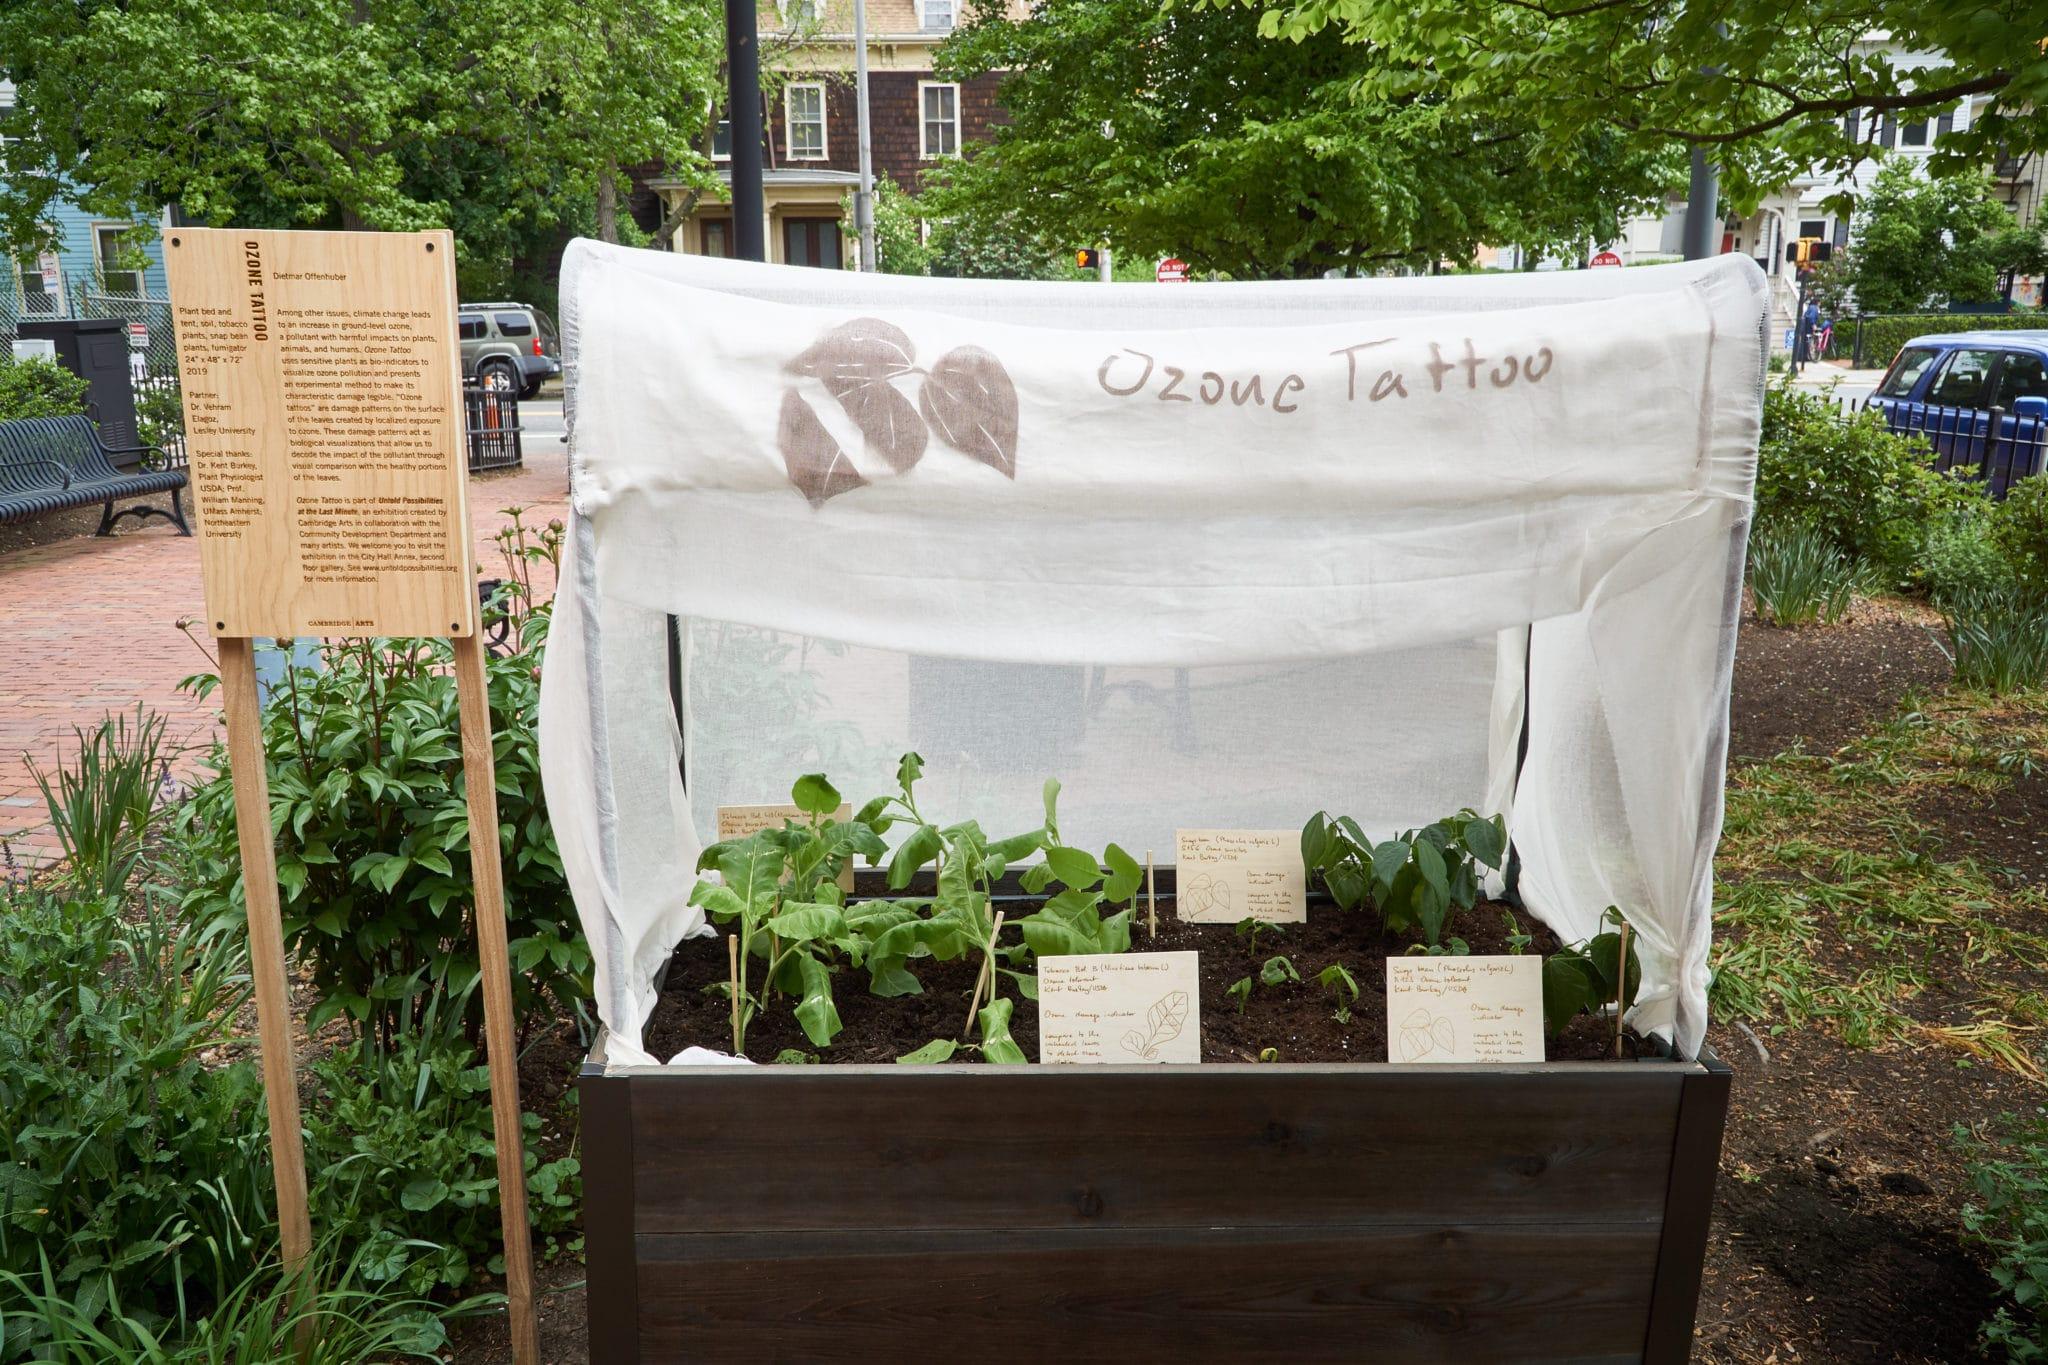 exhibition view ozone garden installation